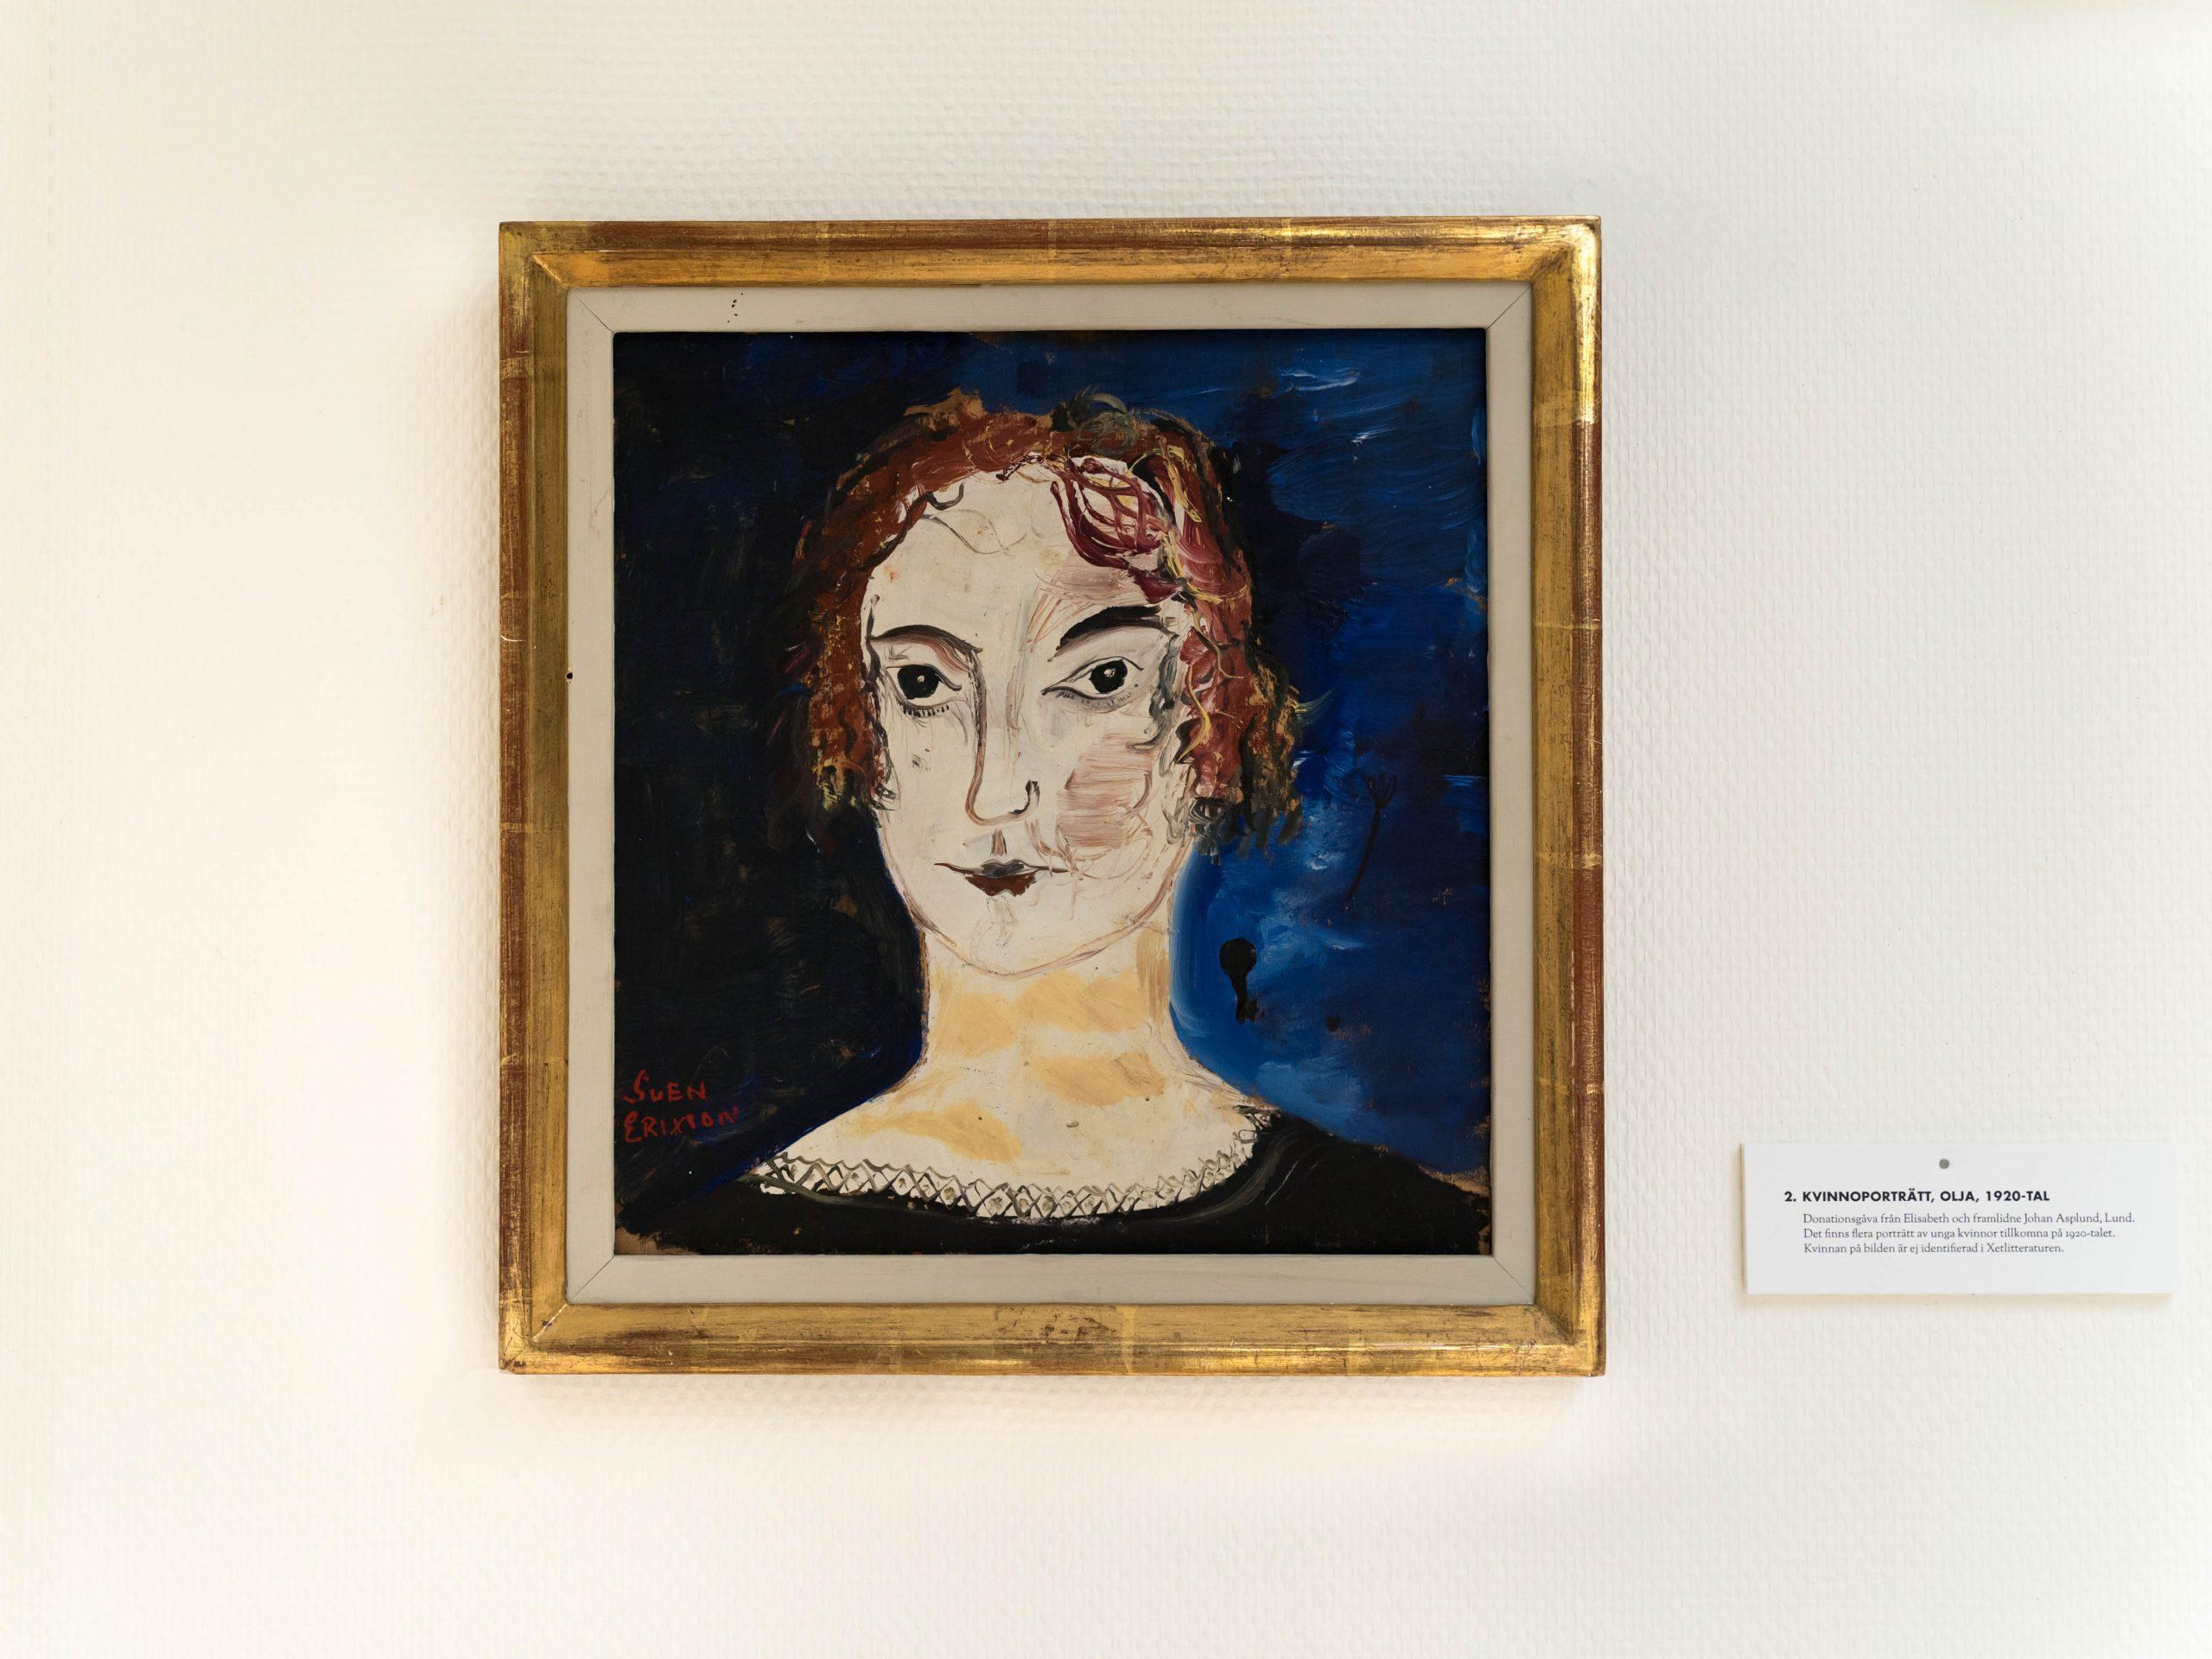 Kvinnoporträtt, olja, 1920-talet